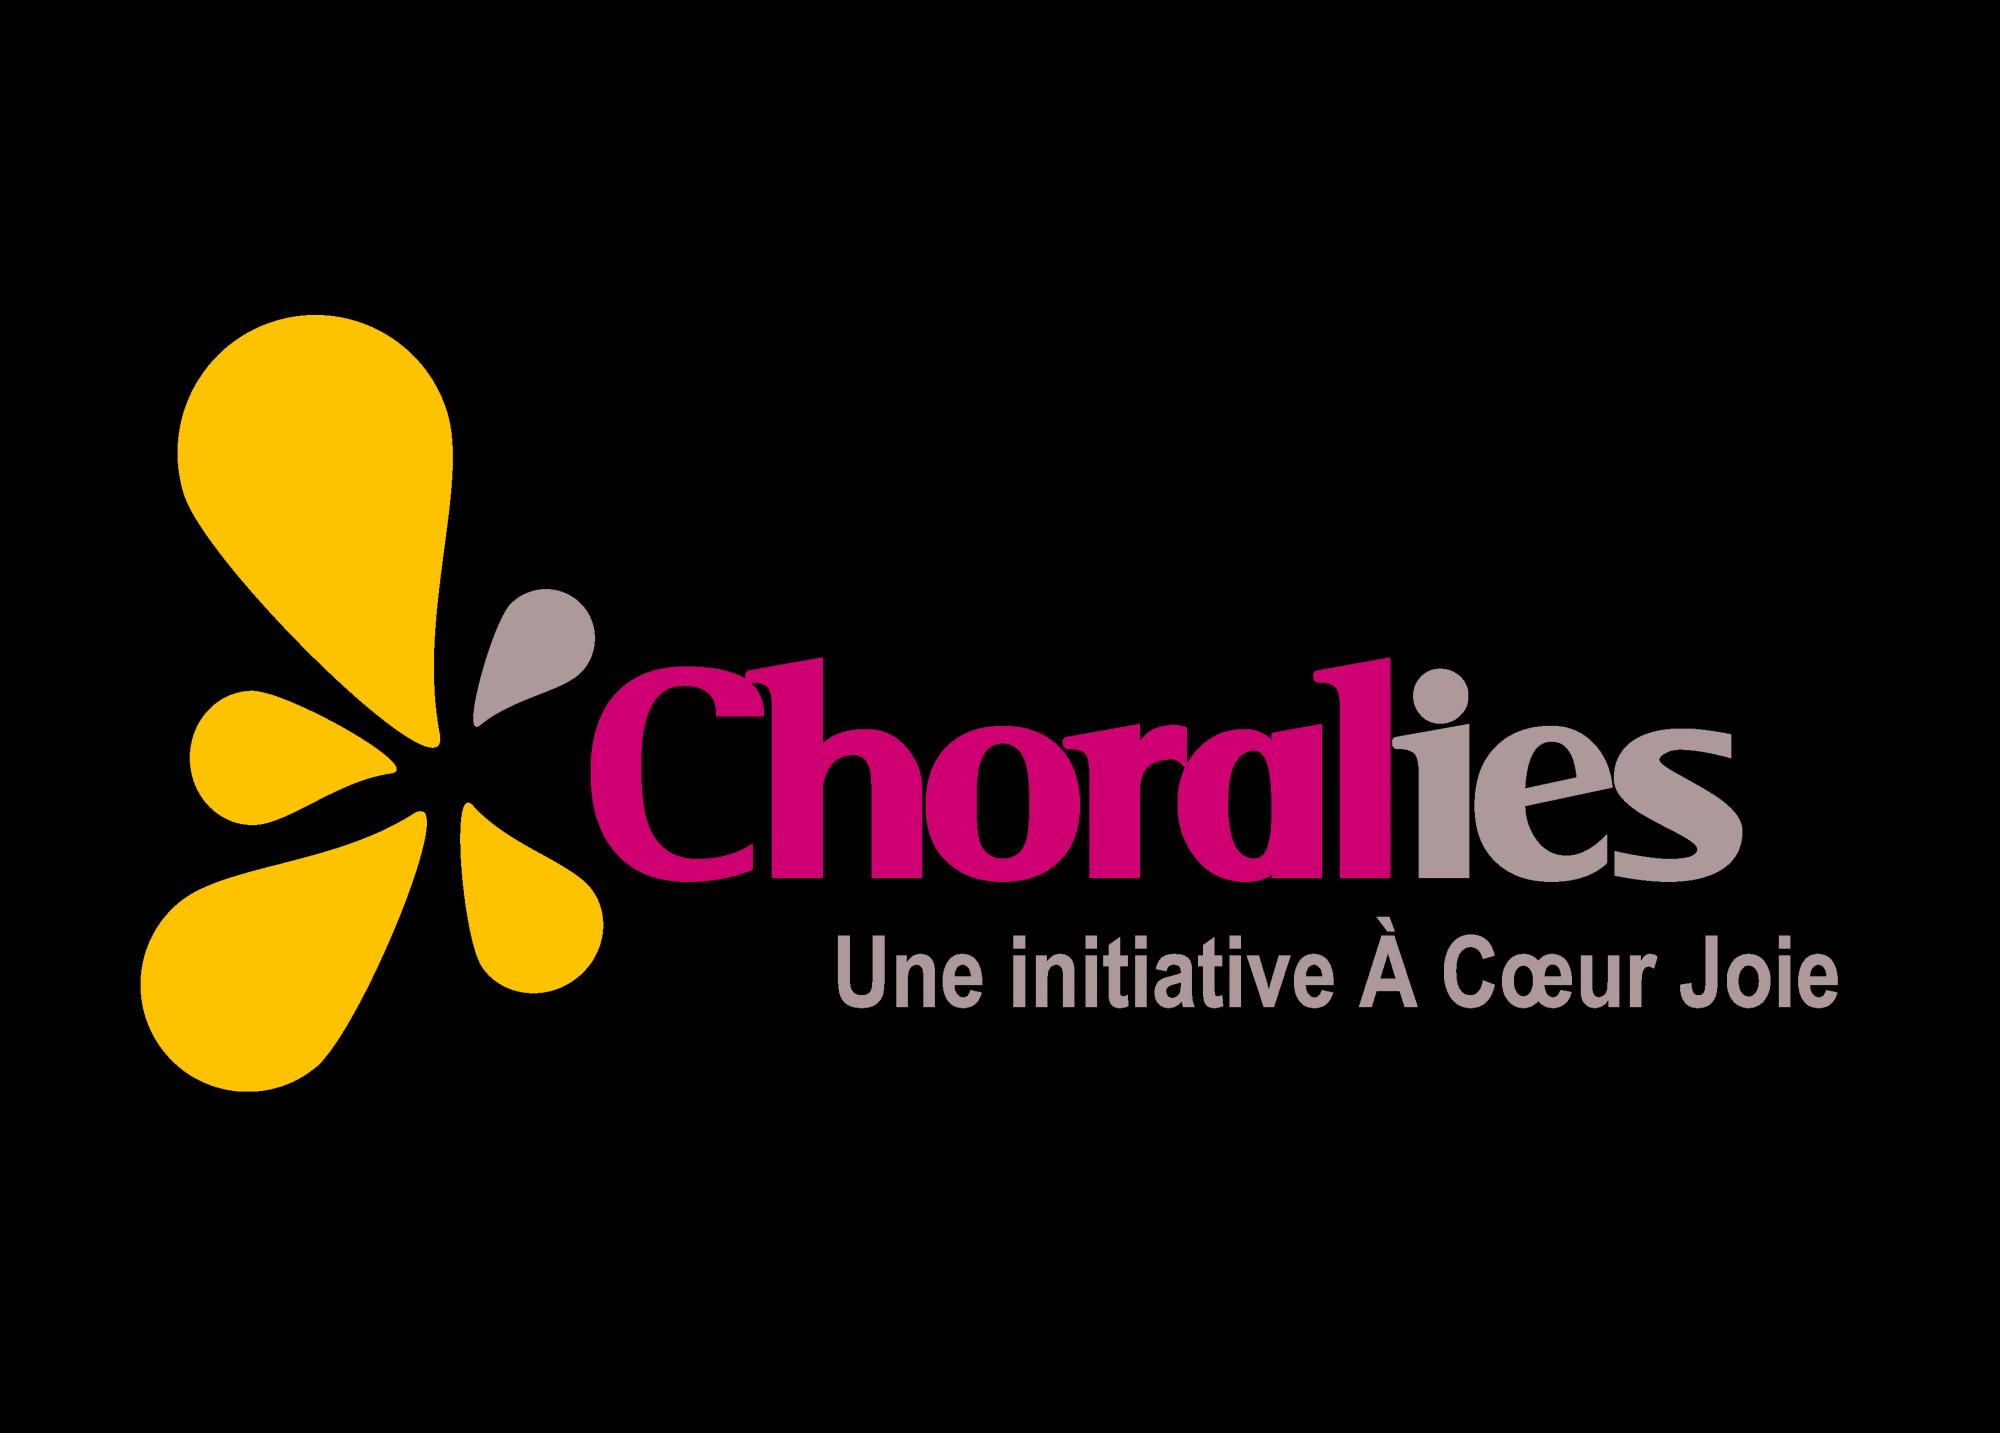 logo_a_coeur_joie1